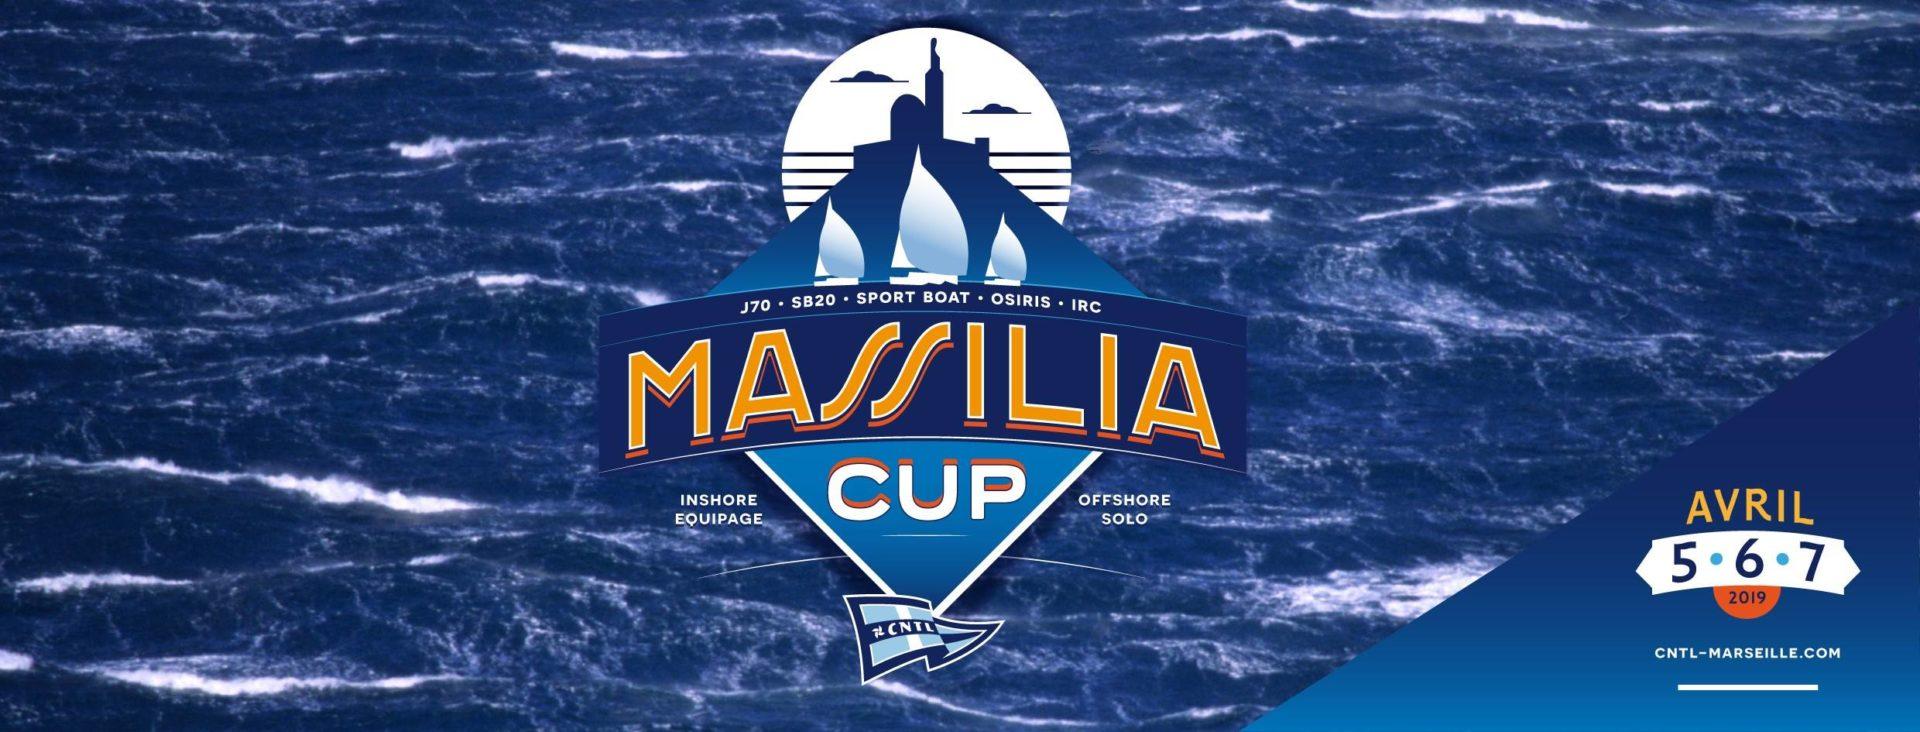 Massilia cup 2019